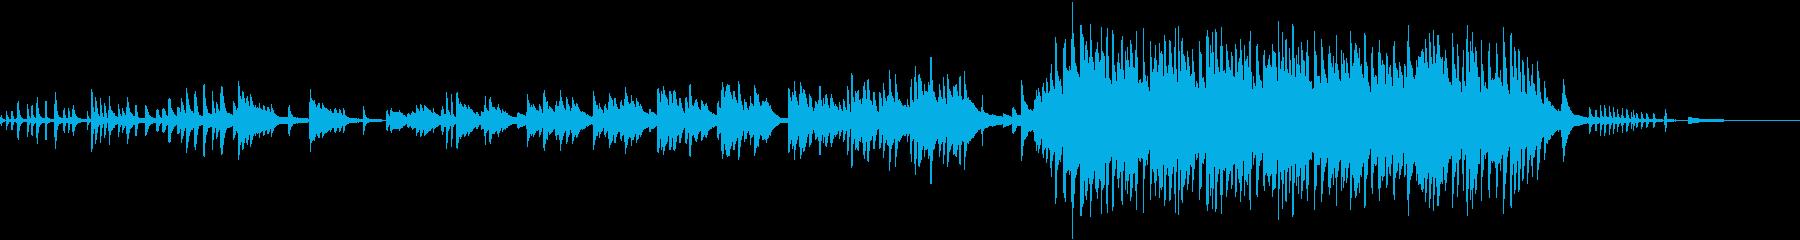 「廻る、夜を」ピアノソロの再生済みの波形